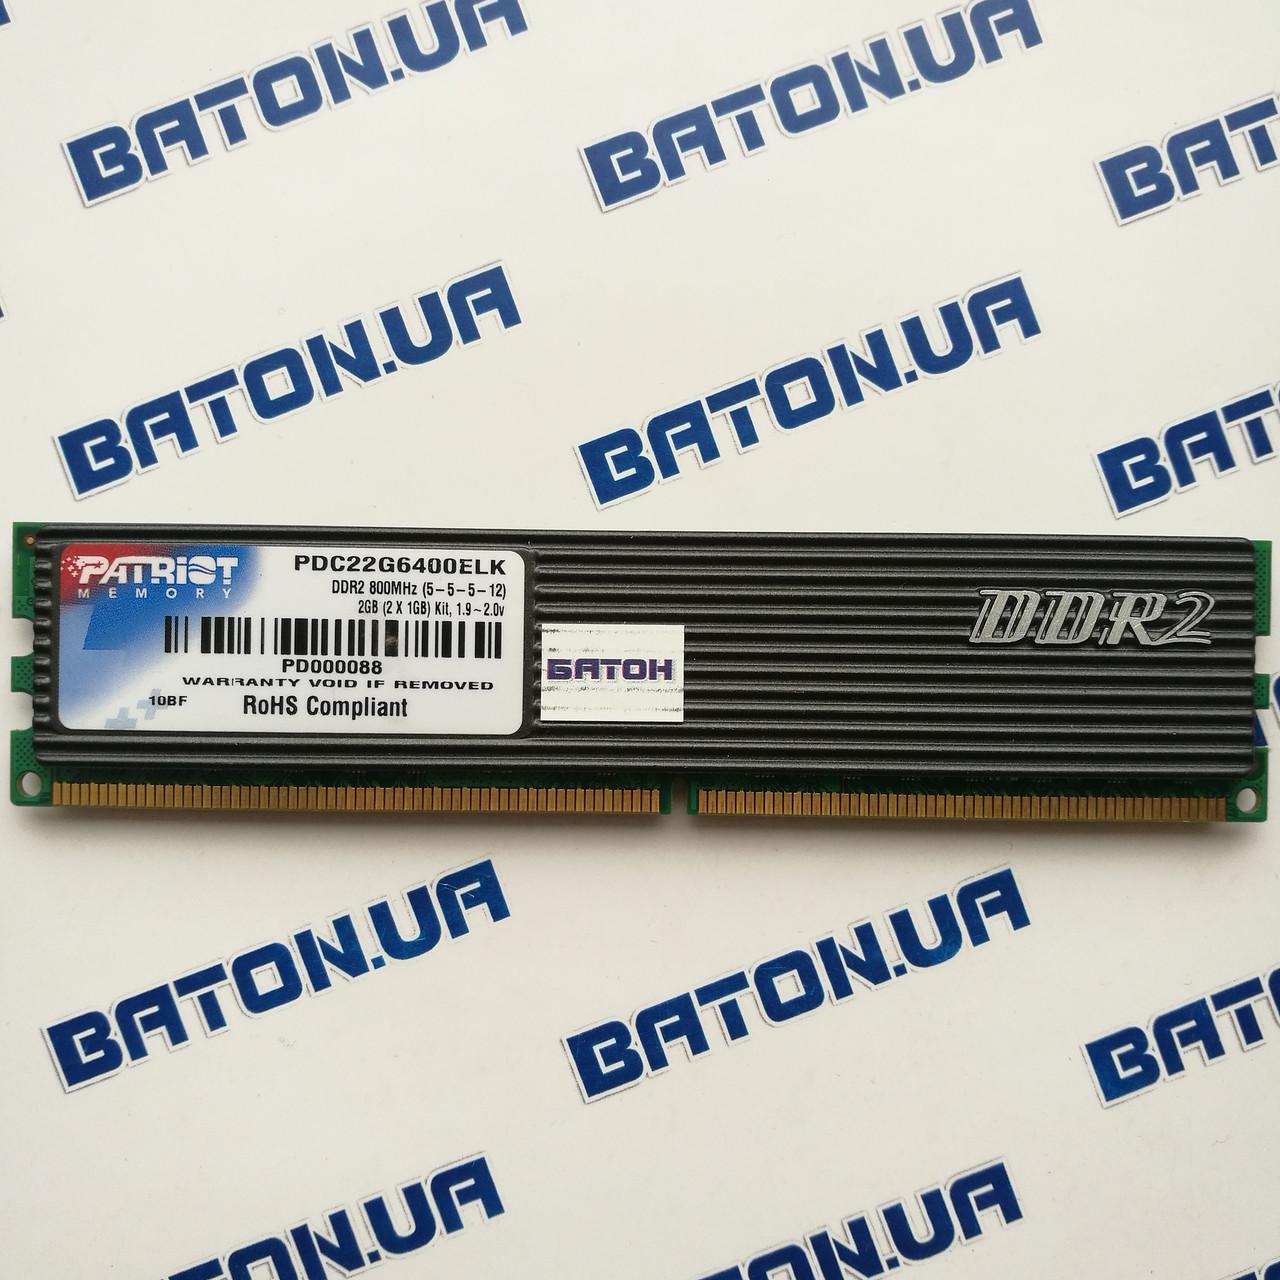 Игровая оперативная память Patriot DDR2 1Gb 800MHz PC2 6400U CL5 (PDC22G6400ELK) Б/У